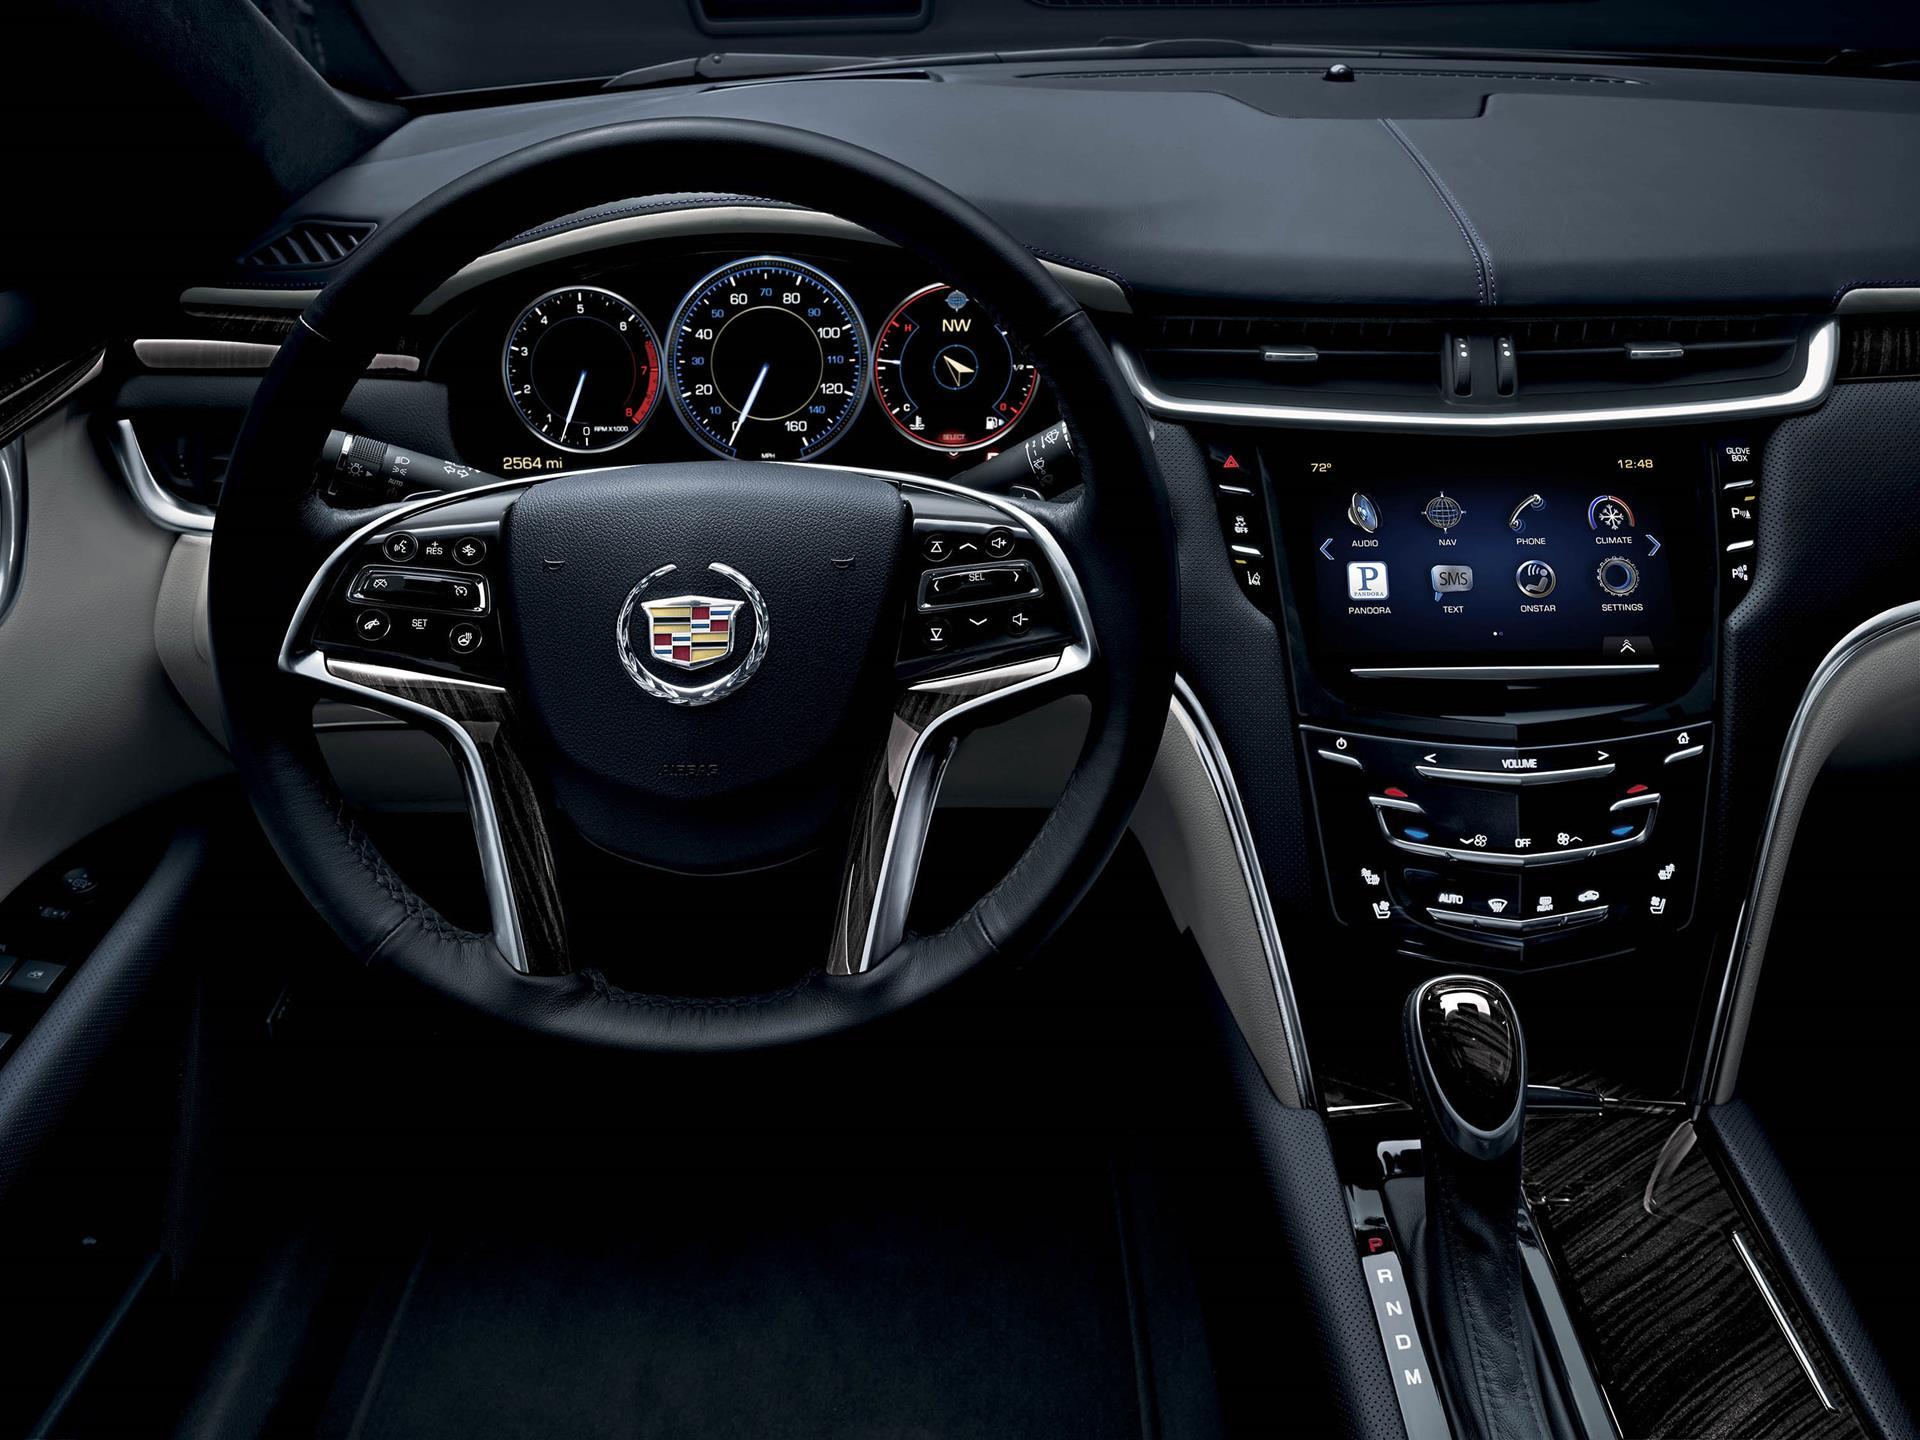 2015 Cadillac XTS